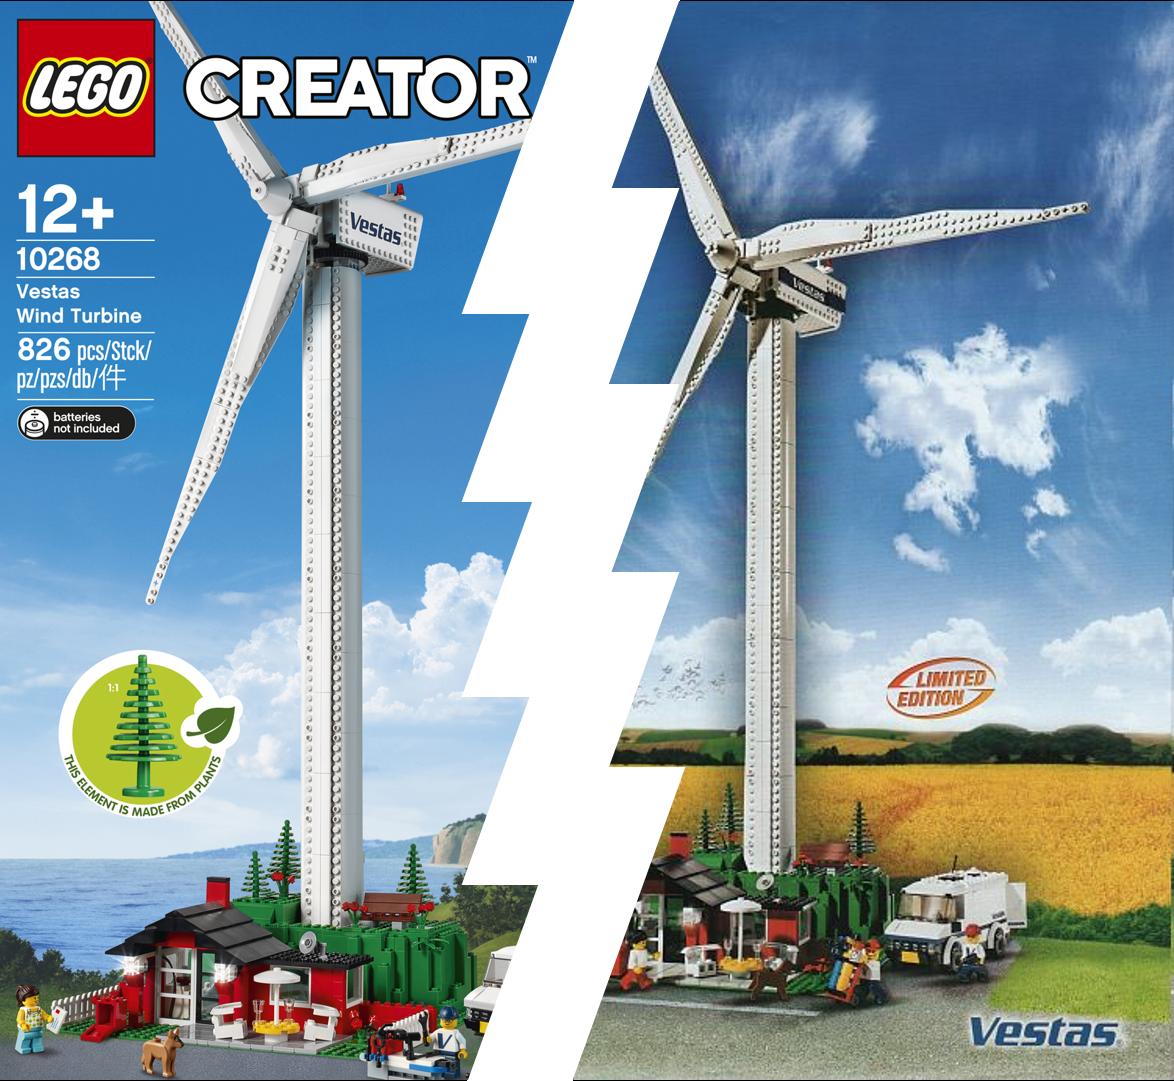 4999 / 10268 Vestas Wind Turbine - What has changed? | Brickset